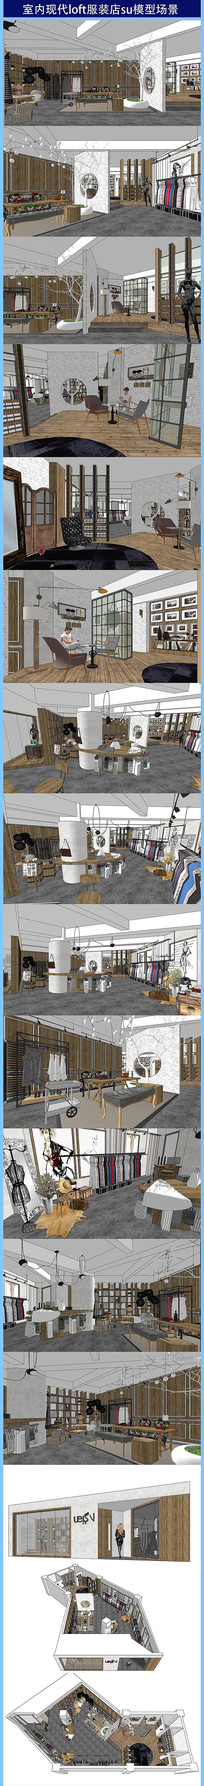 室內現代loft服裝店su模型場景